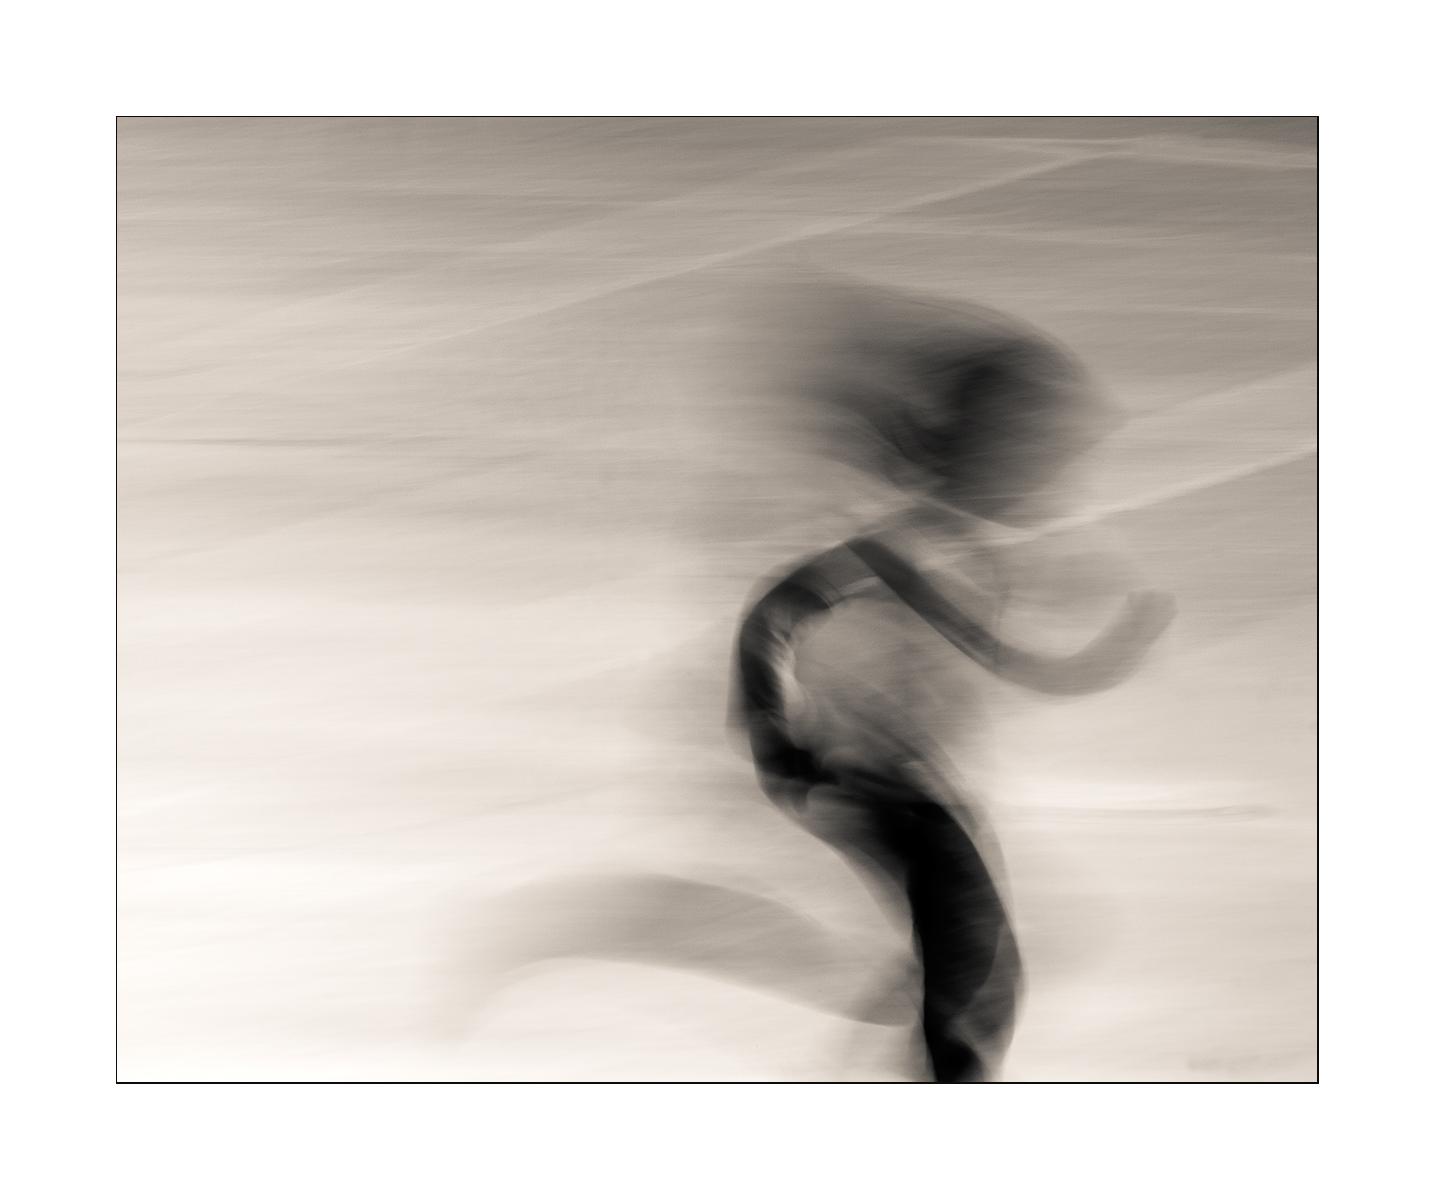 Wallpaper : drawing, sport, joint, kids, blur, photograph